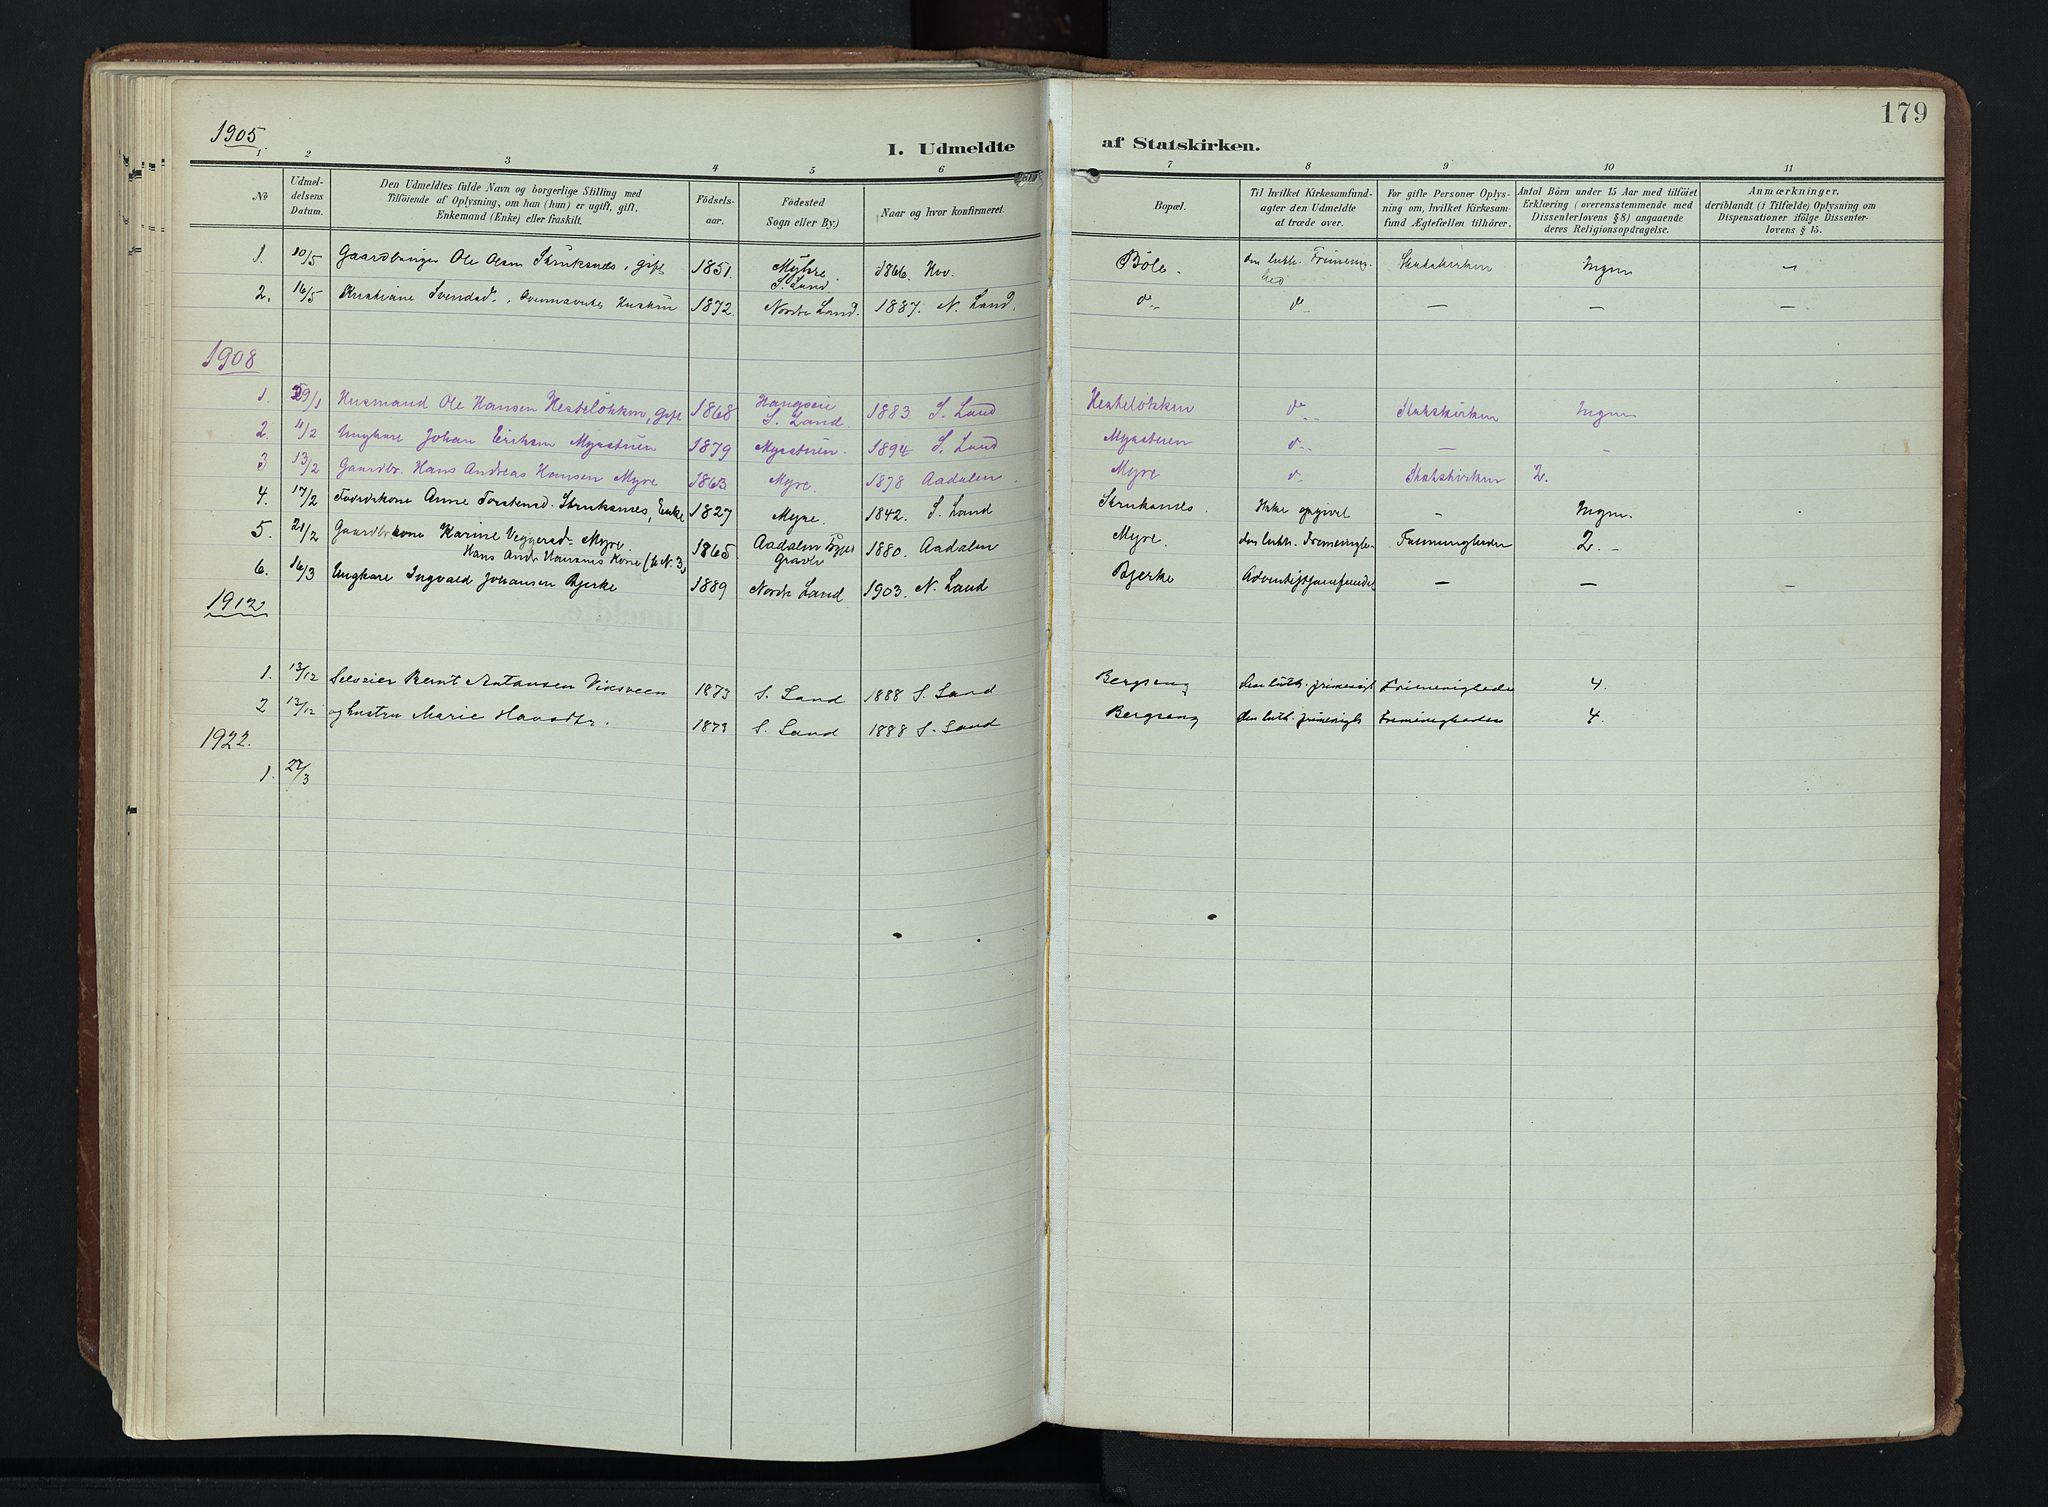 SAH, Søndre Land prestekontor, K/L0007: Ministerialbok nr. 7, 1905-1914, s. 179